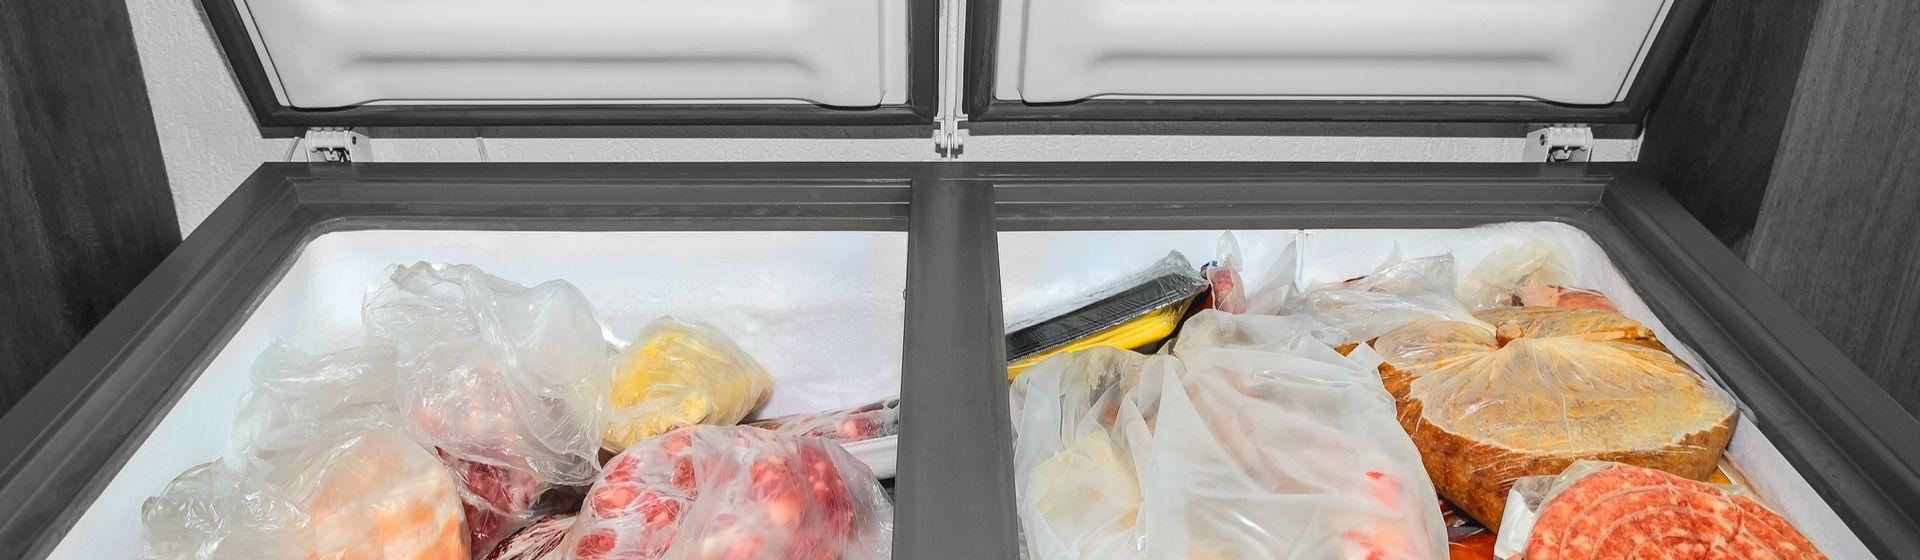 Melhor freezer vertical e horizontal: 8 opções para comprar em 2020